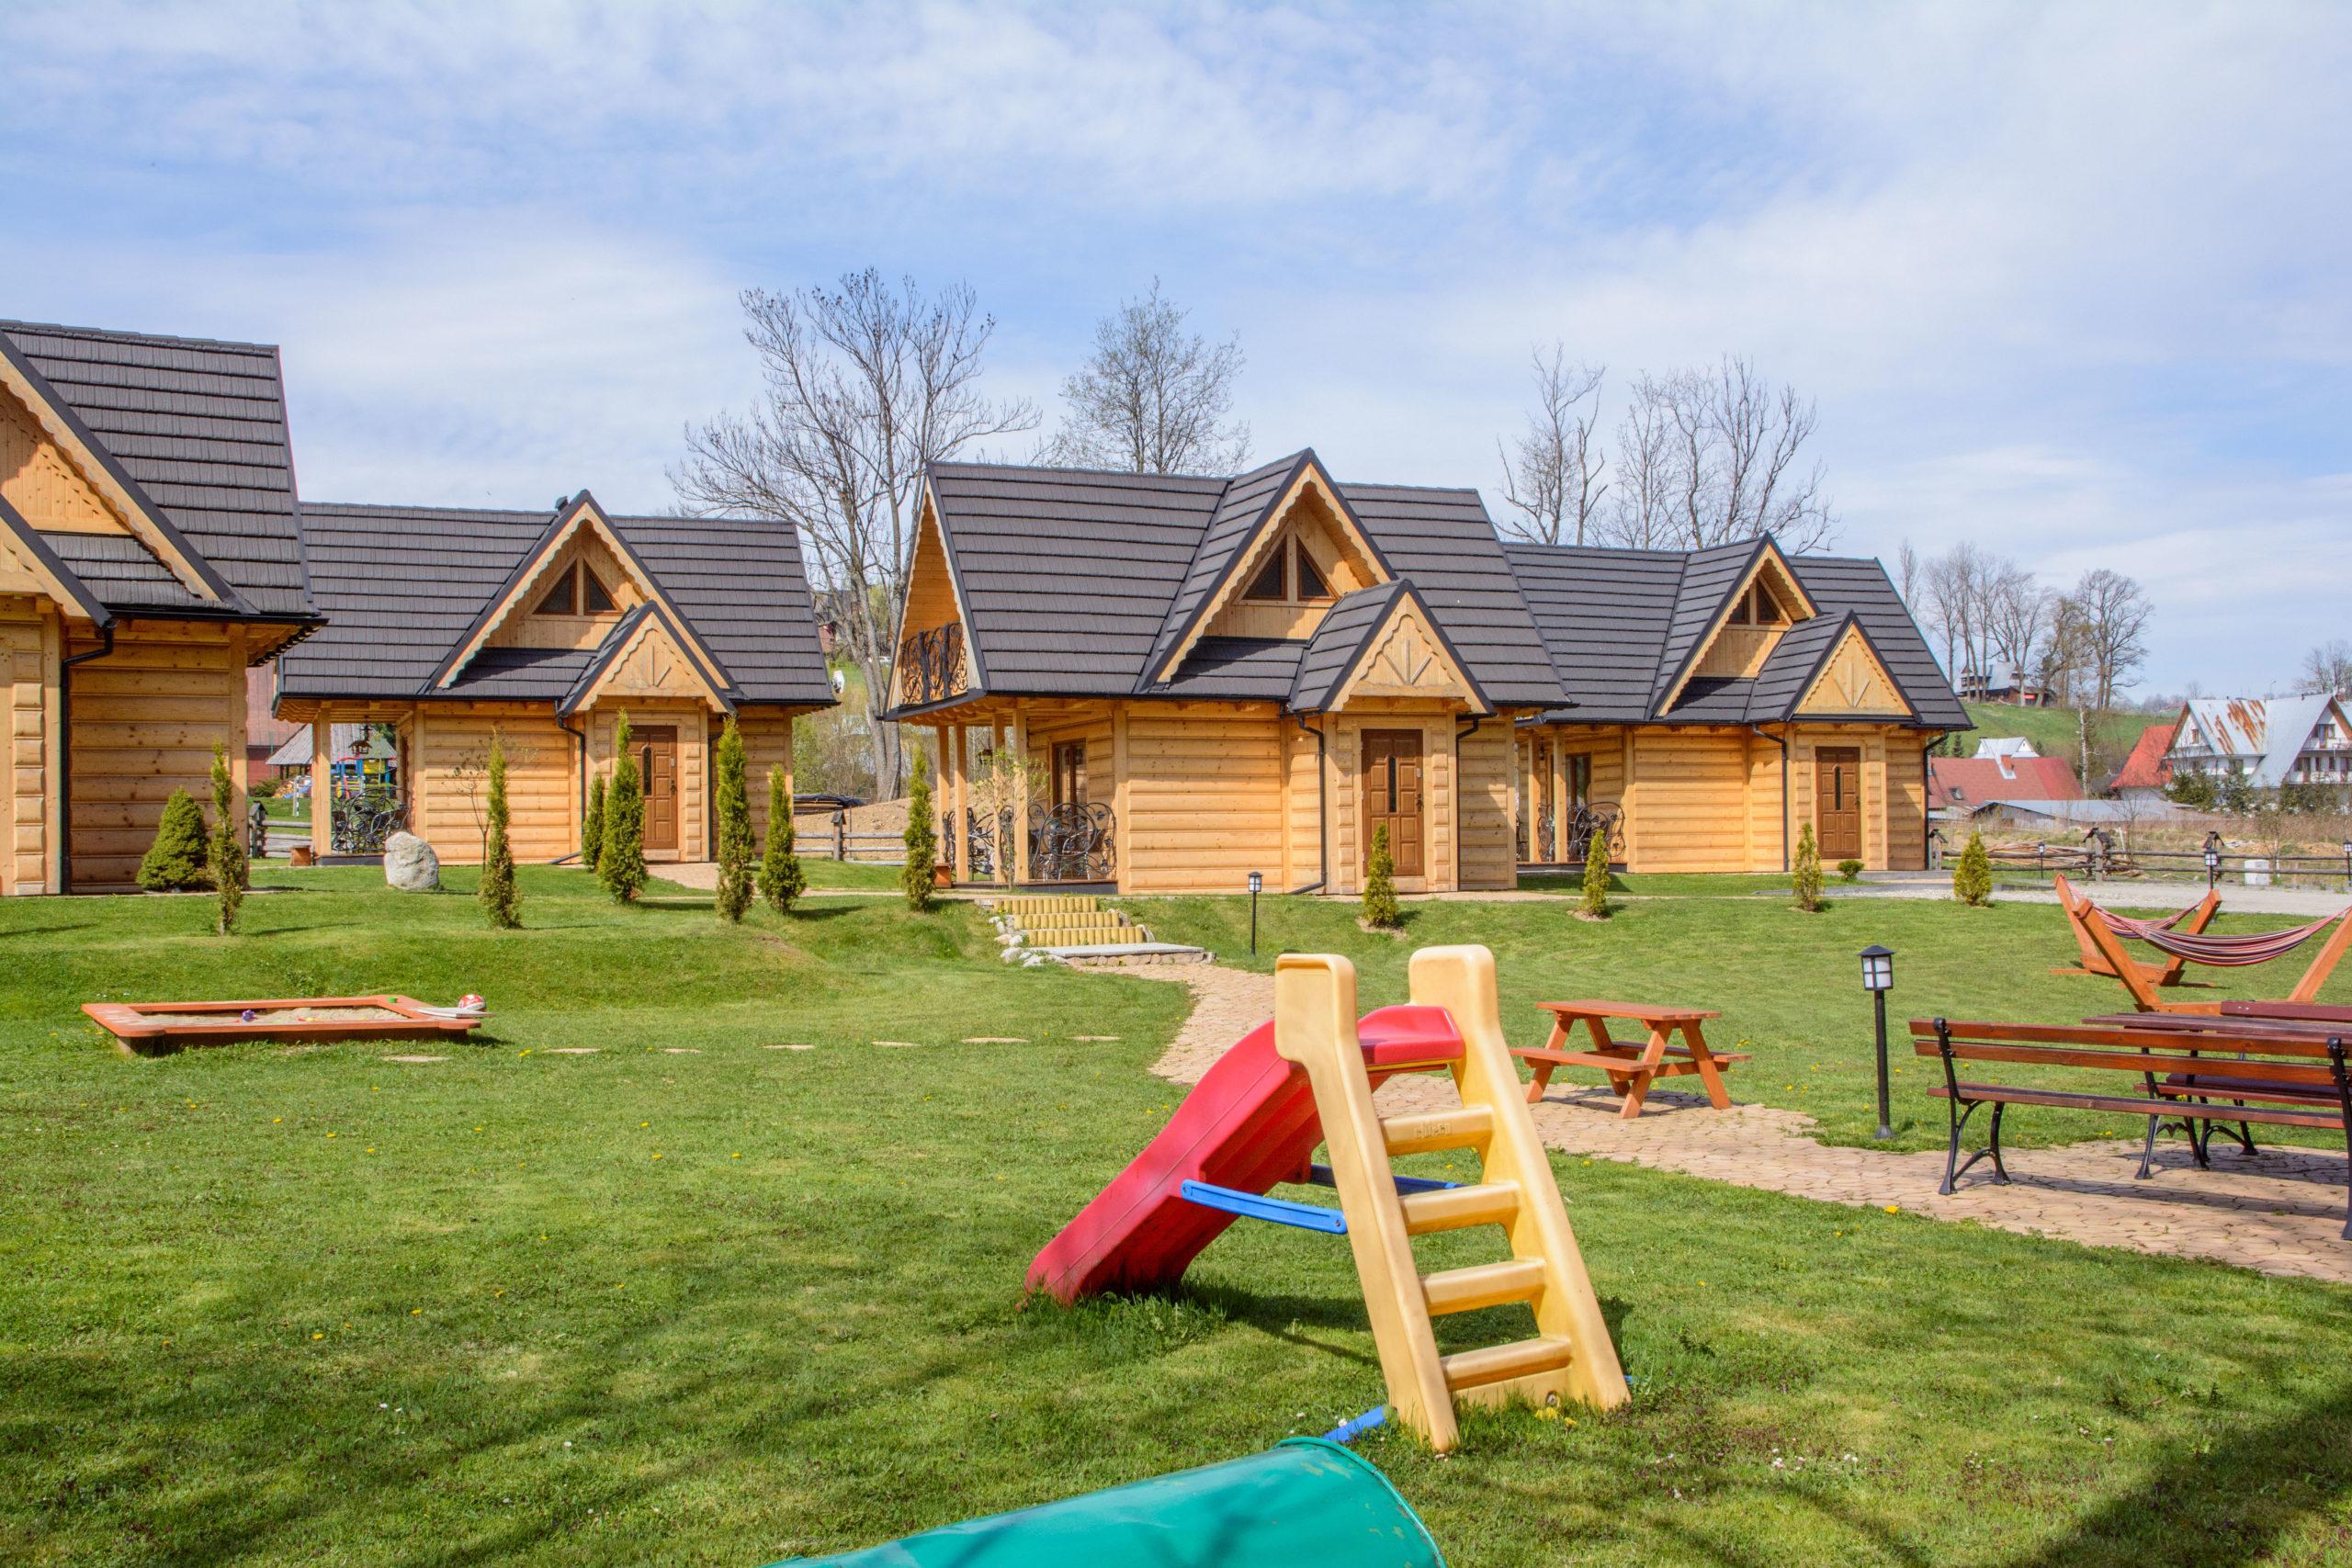 domki-gawra-zakopane-noclegi-góry-tatry-plac-zabaw-scaled7